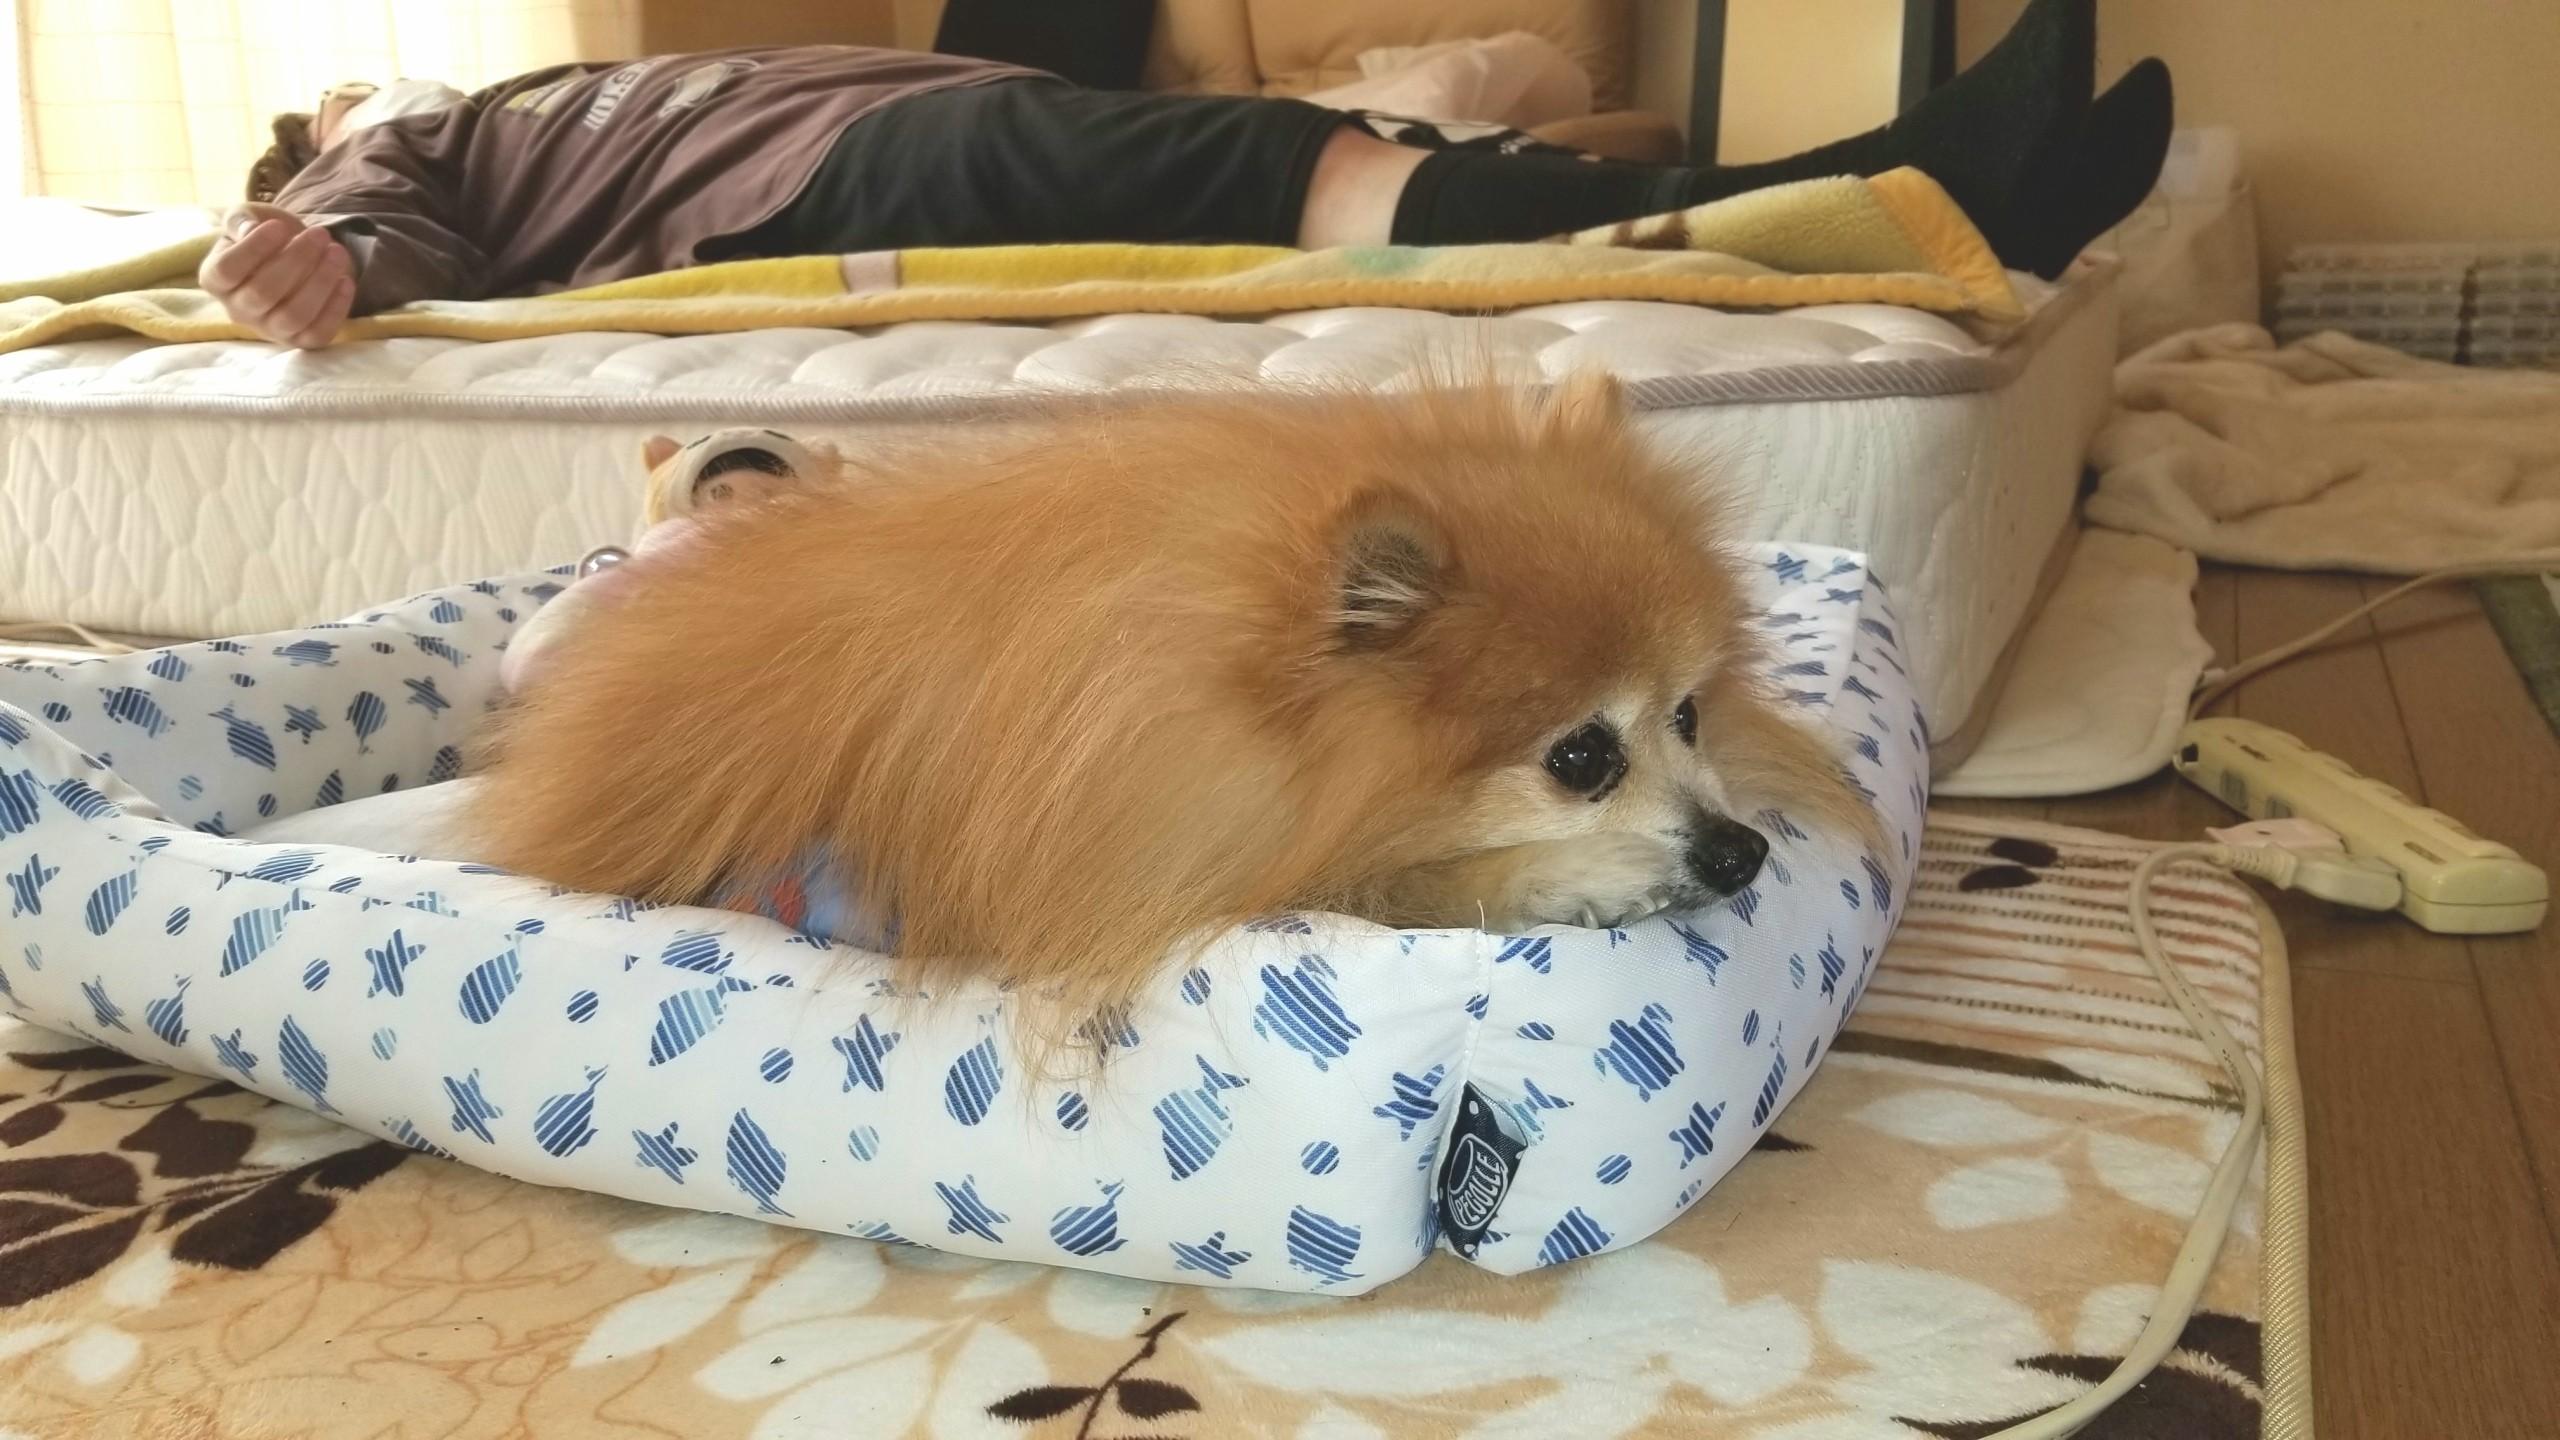 愛犬世界一かわいいポメラニアン,もふもふぬいぐるみみたい,動物好き